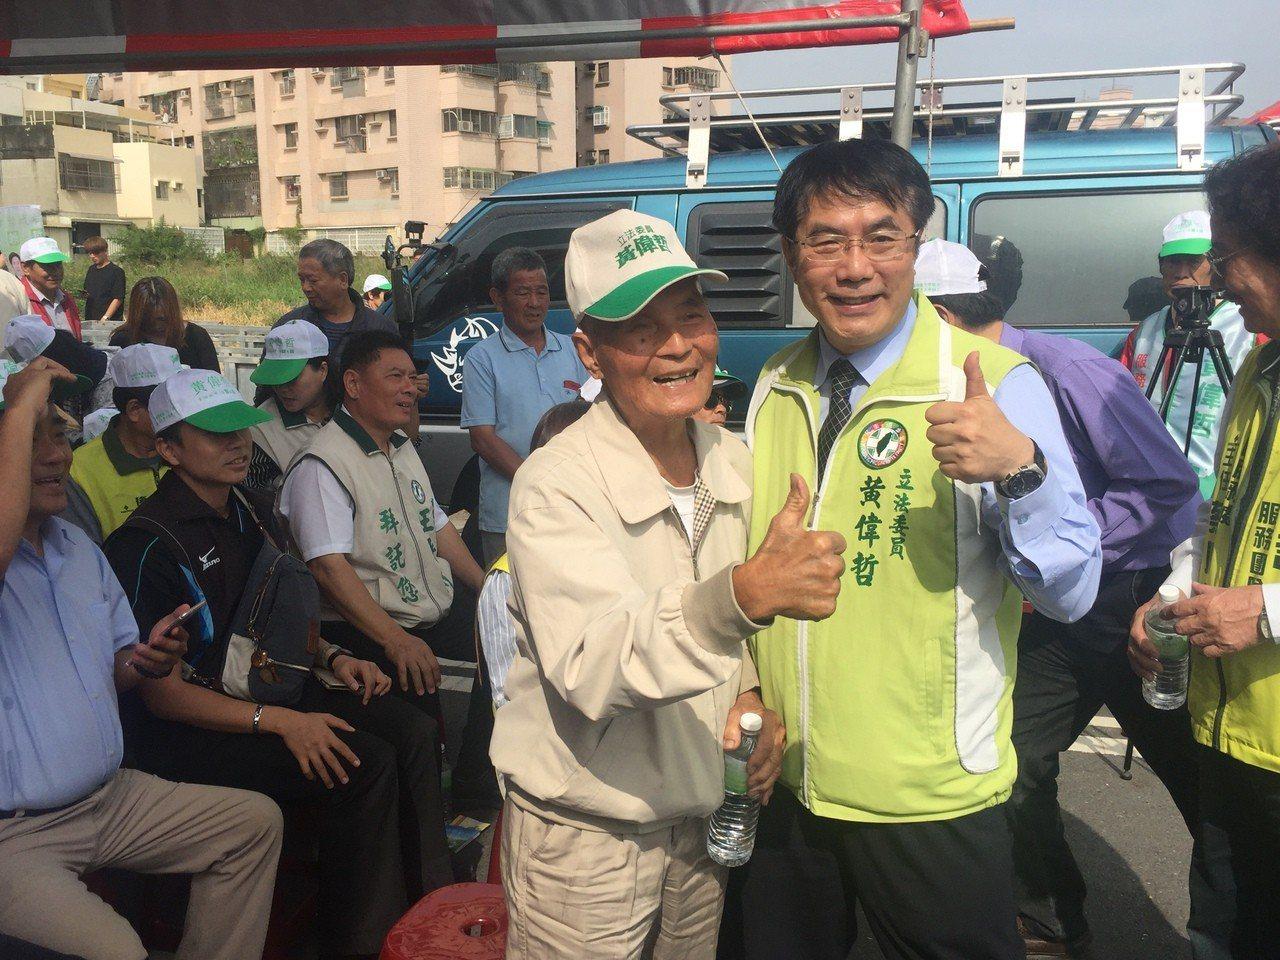 台南市長參選人黃偉哲(右)遭自稱是助理的網友控訴,指黃偉哲會將助理原本要吃的便當...